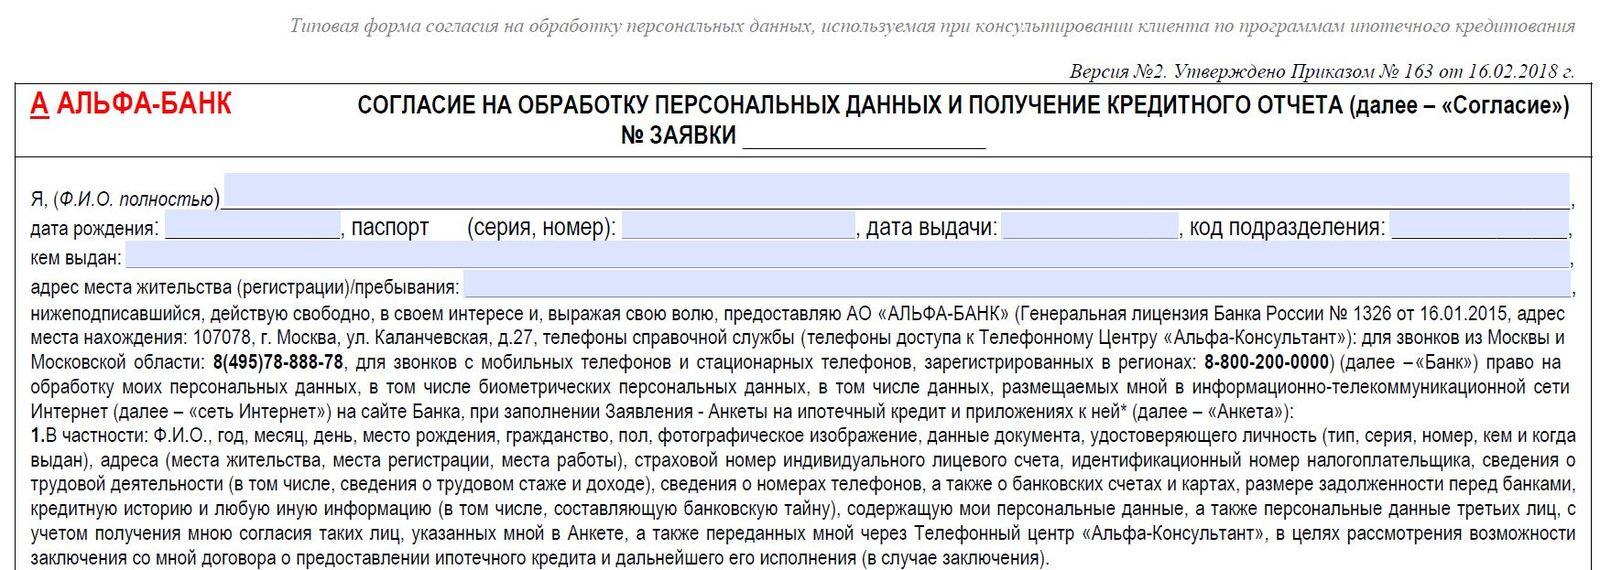 какой банк даёт кредит с плохой кредитной историей и просрочками без отказа в новосибирске